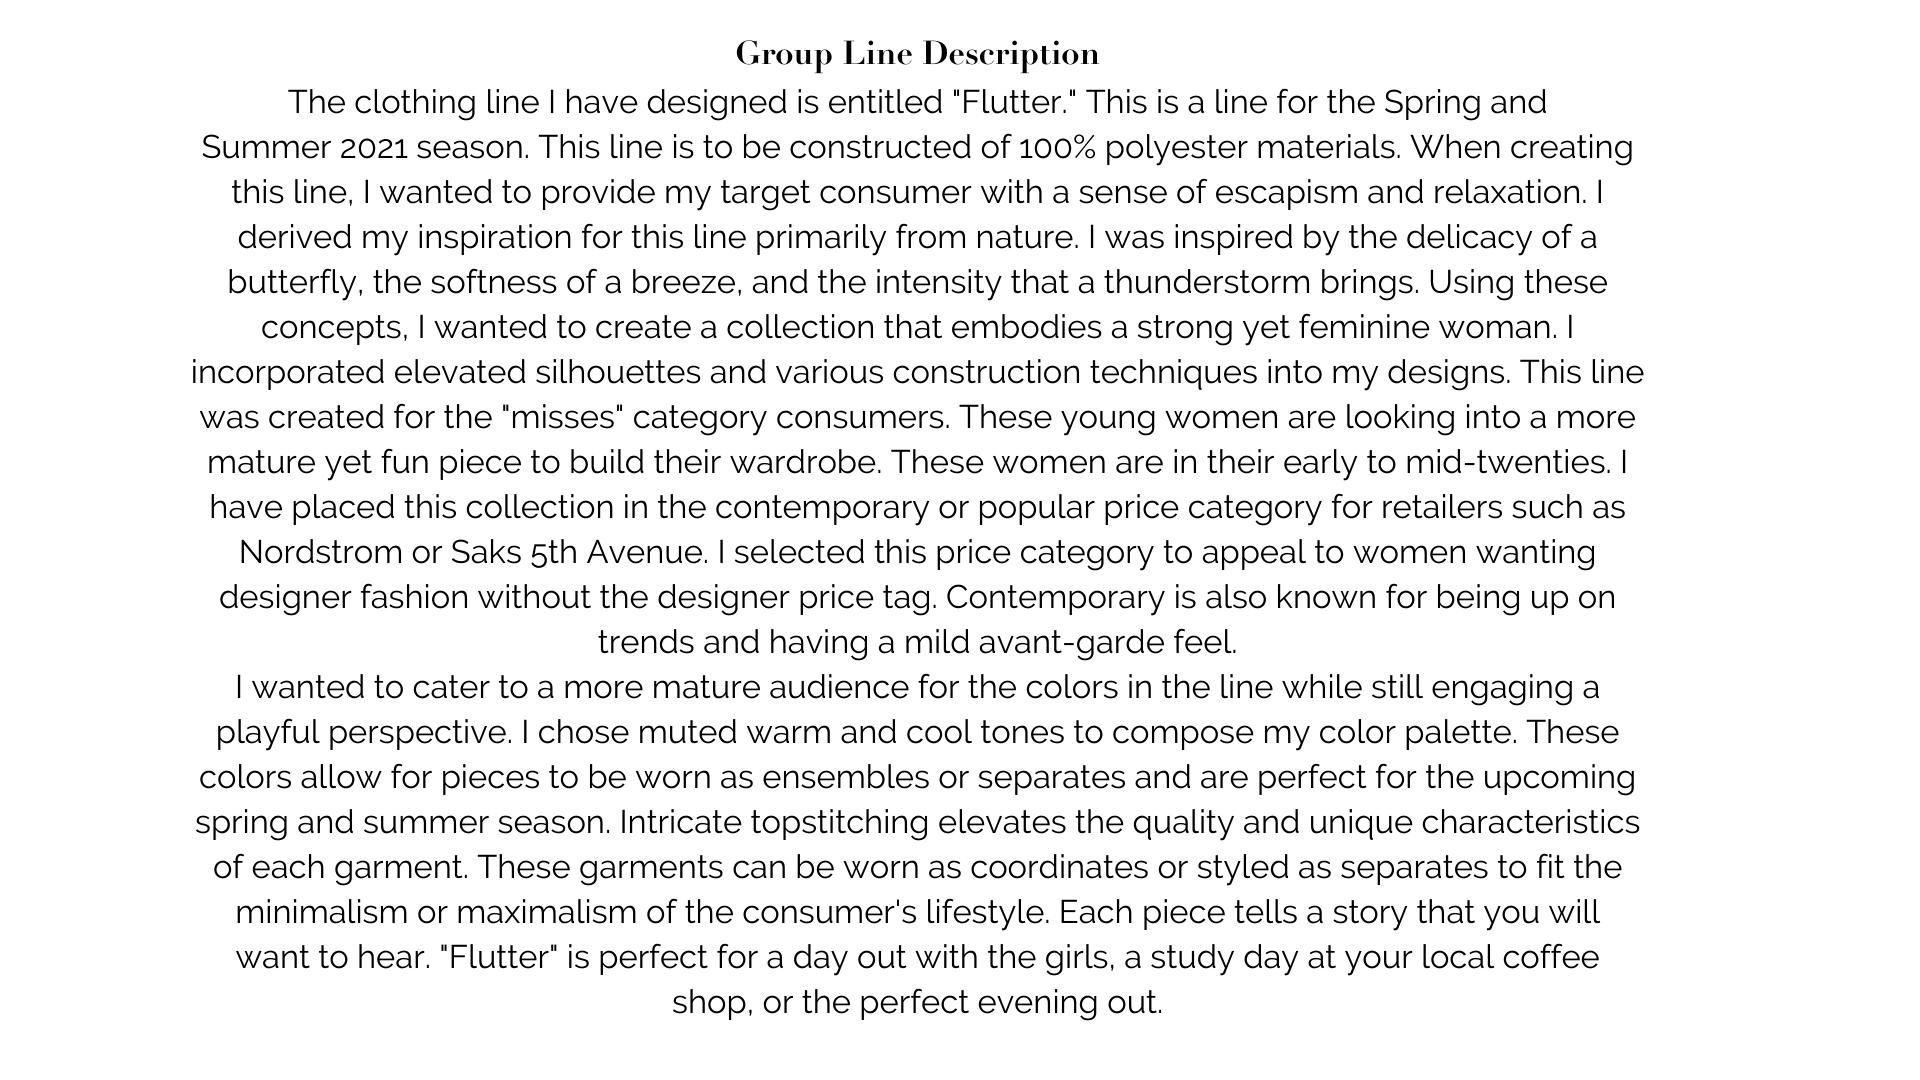 Group Line Description